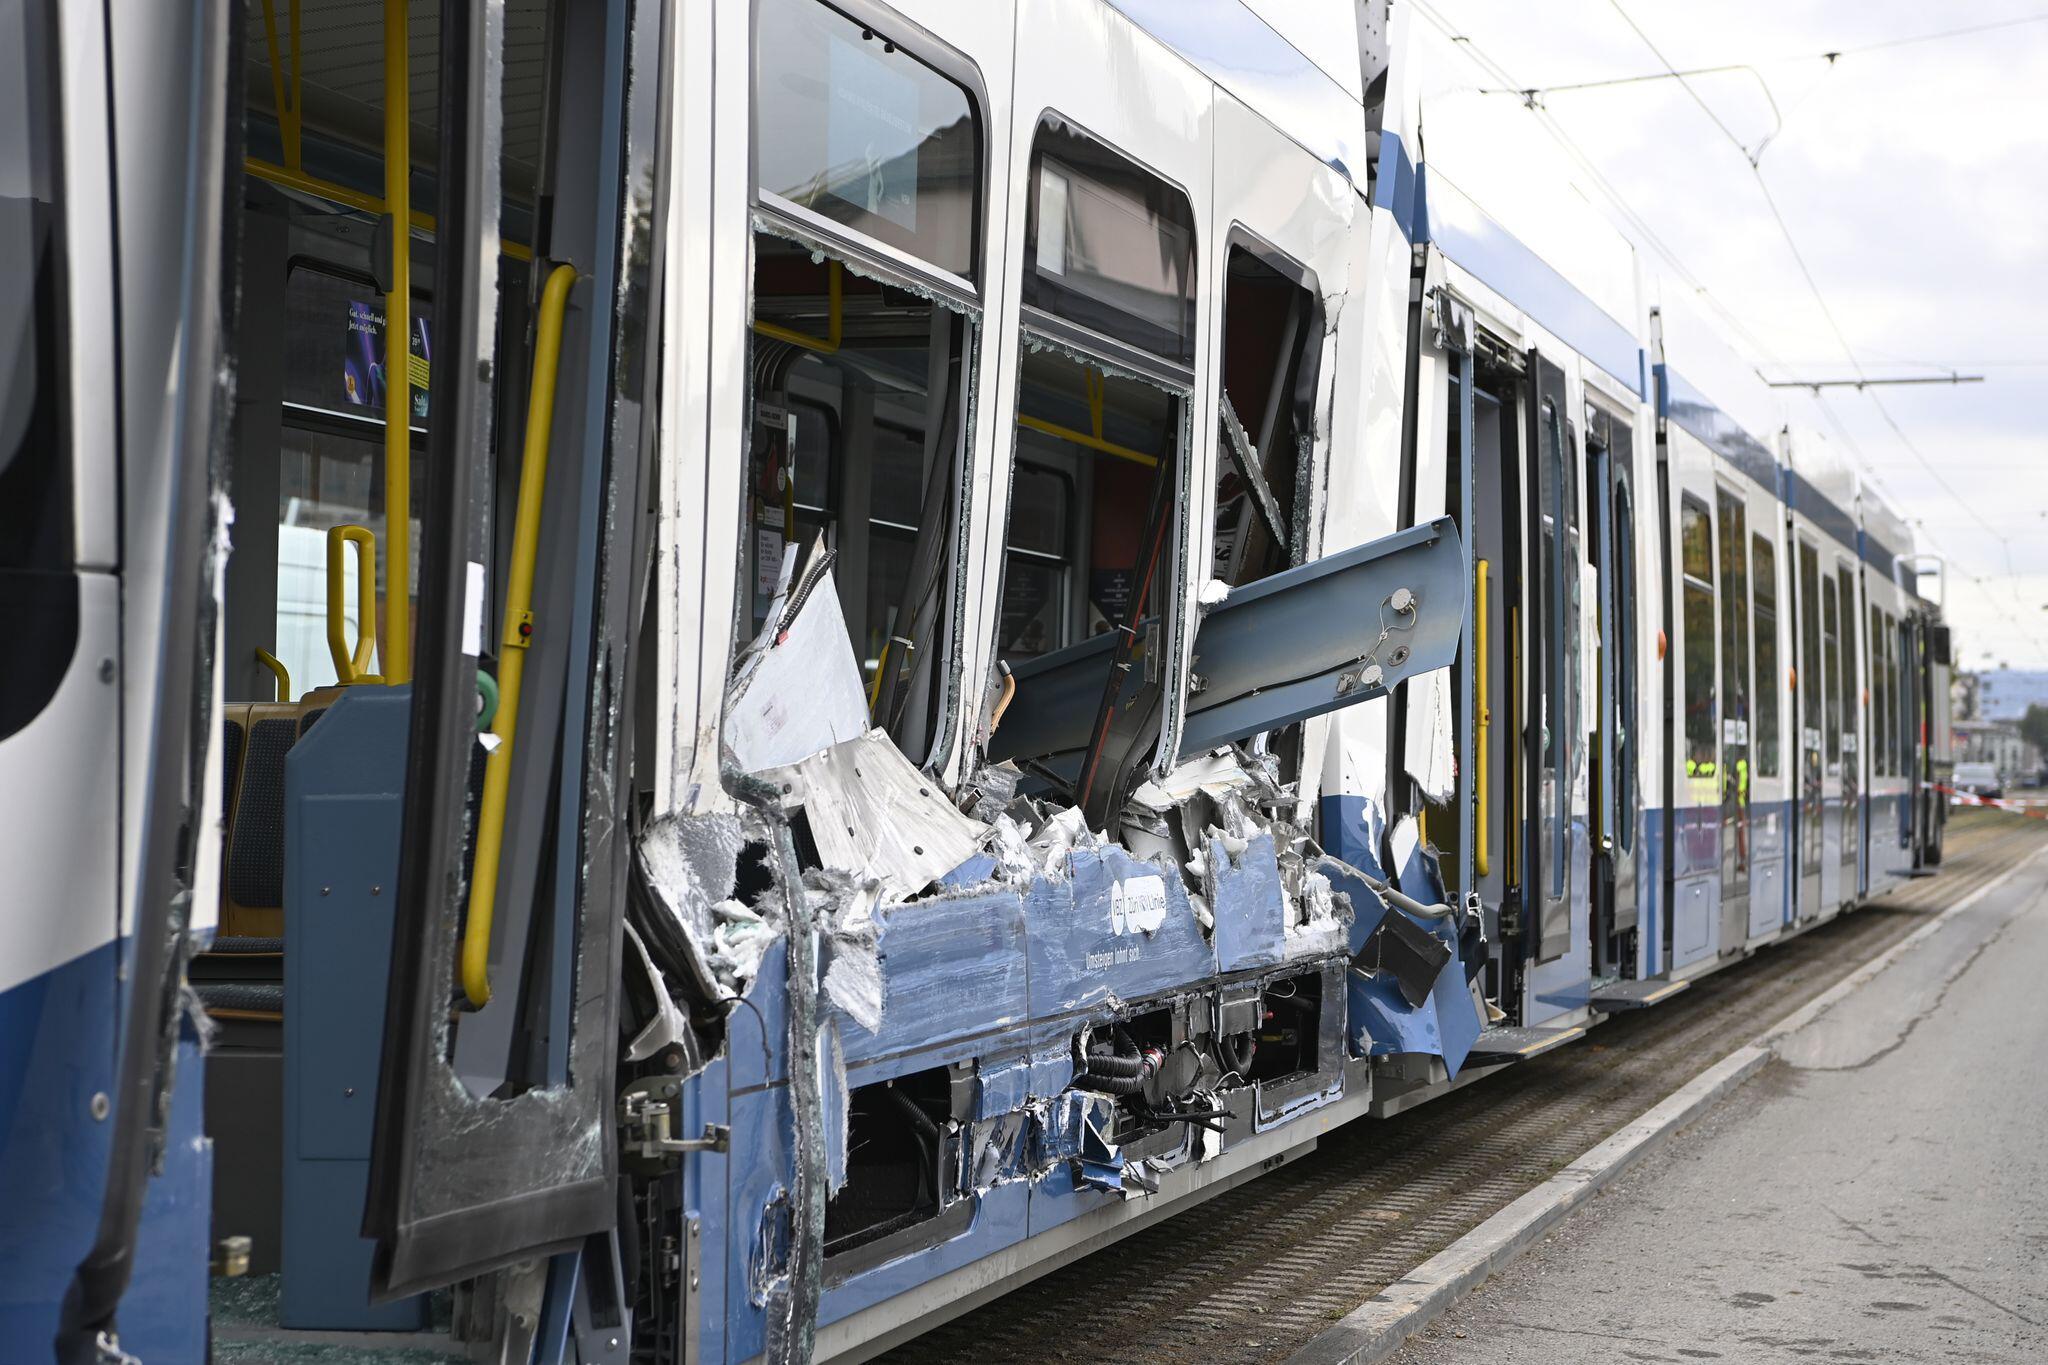 Bild zu Strassenbahnunfall in Zürich